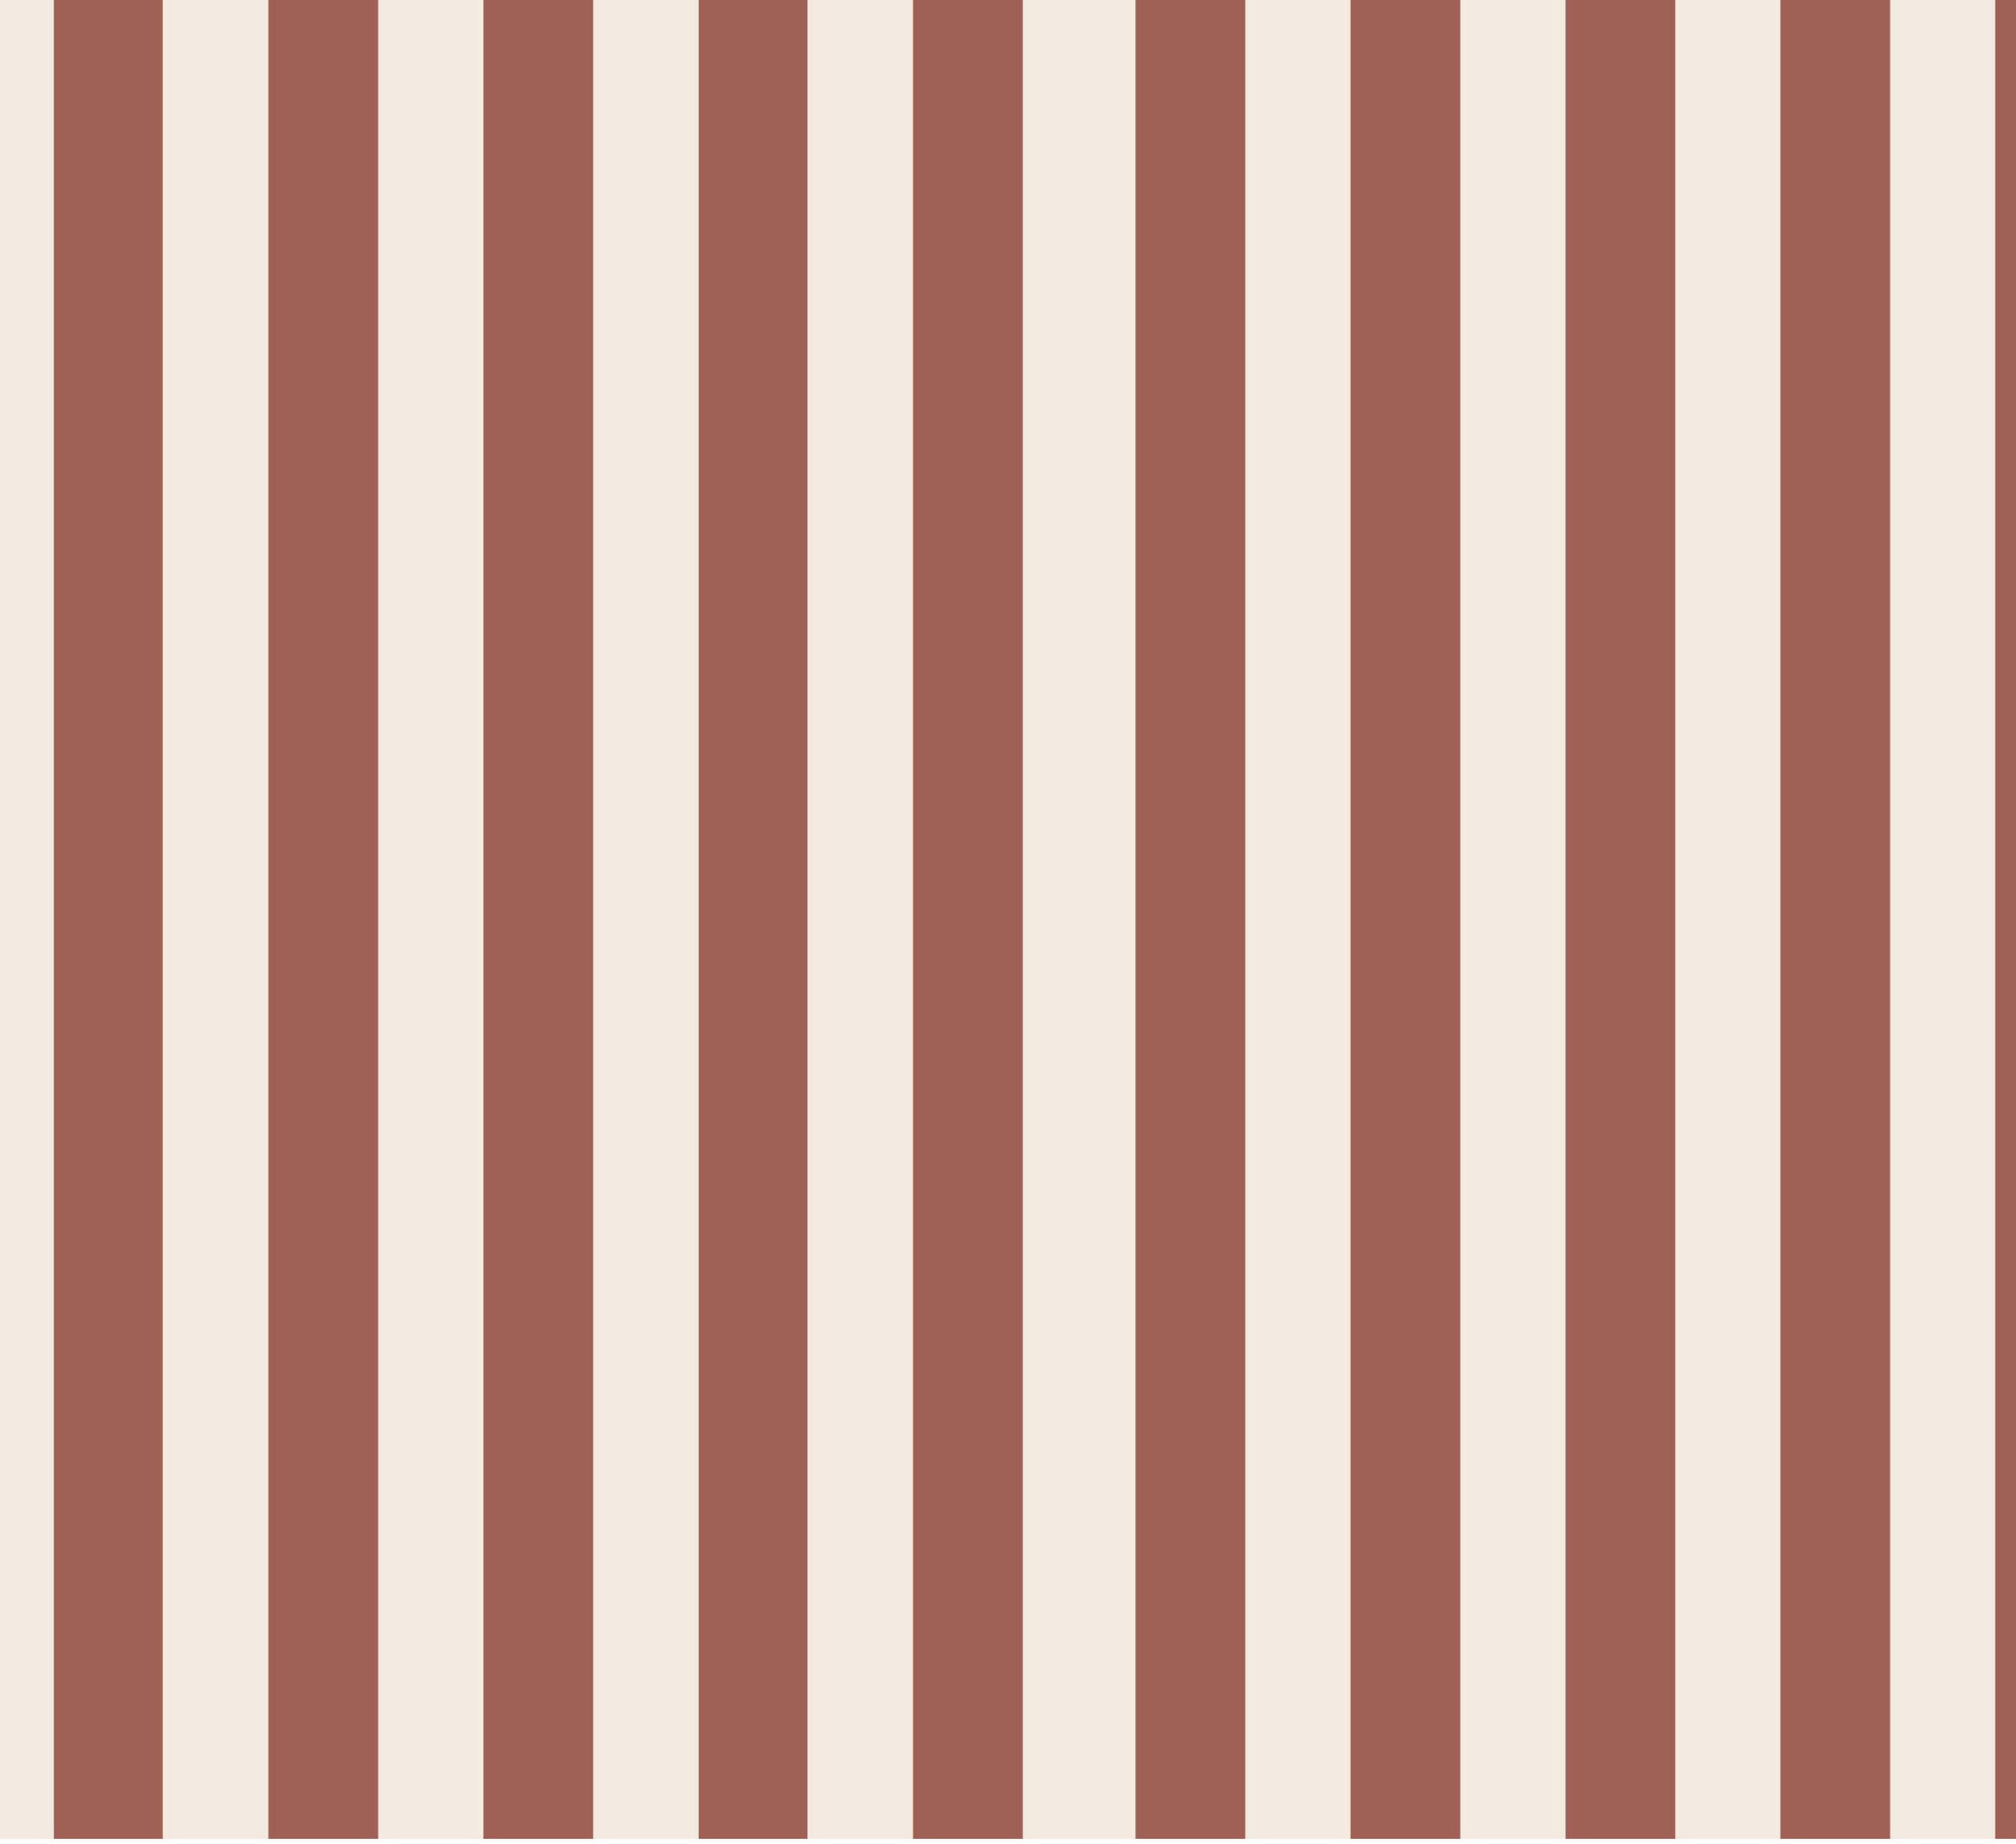 Ränder Lodrät, Rost/Creme #577, eko GOTS (ränderna är 1,5 cm breda)